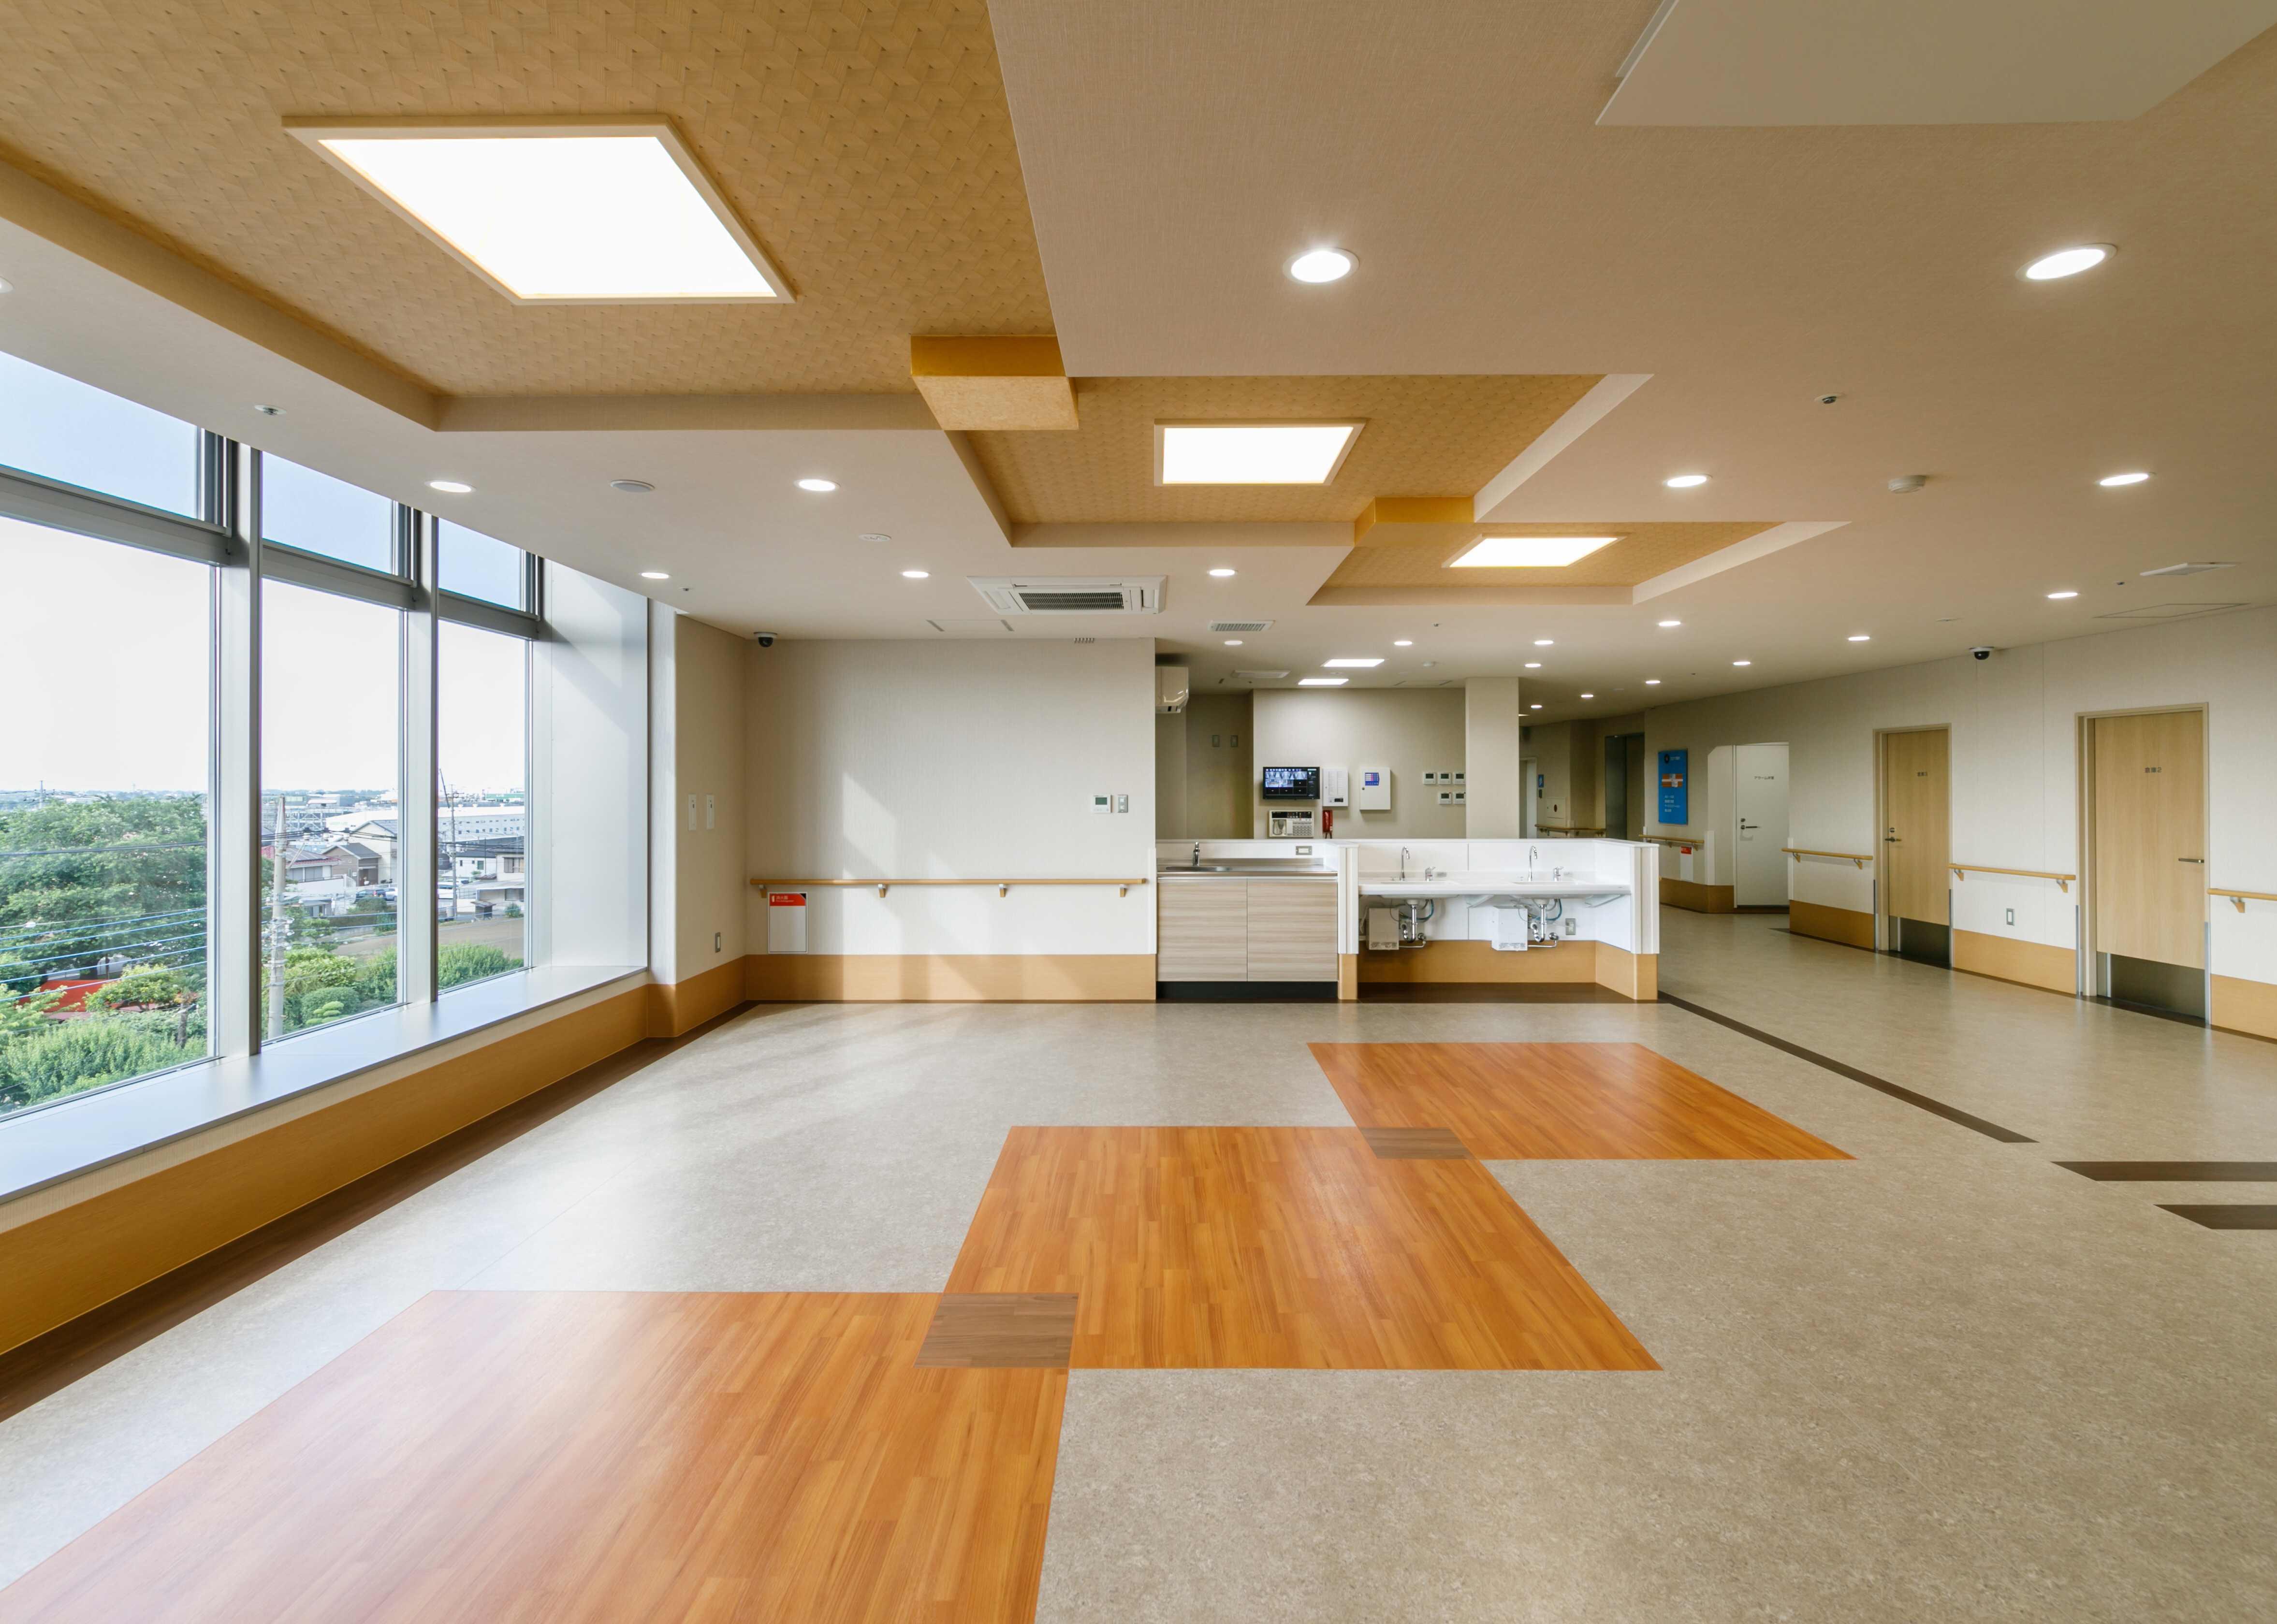 43_4階 談話室・食堂